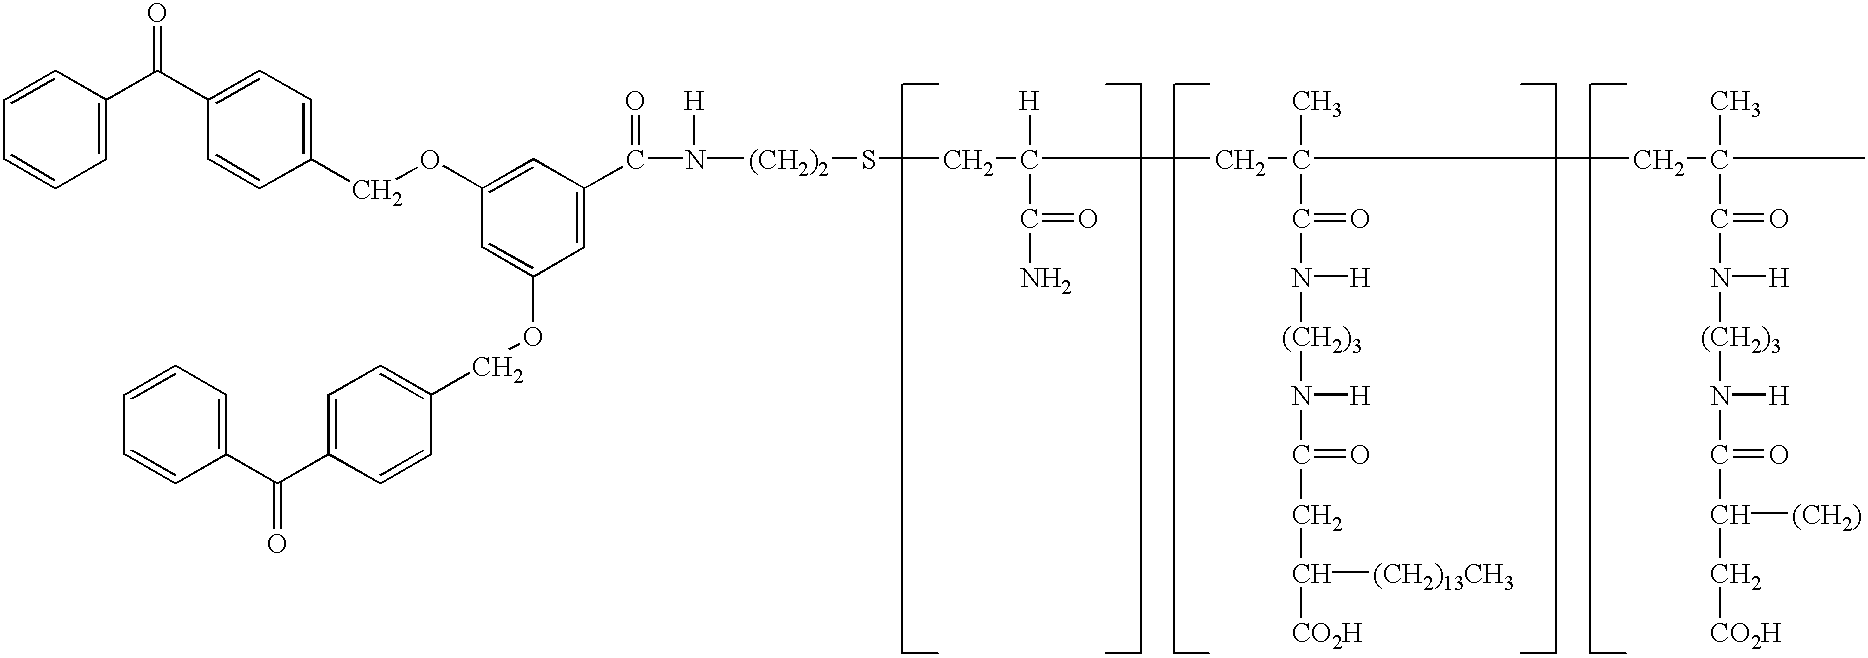 Figure US06465525-20021015-C00030